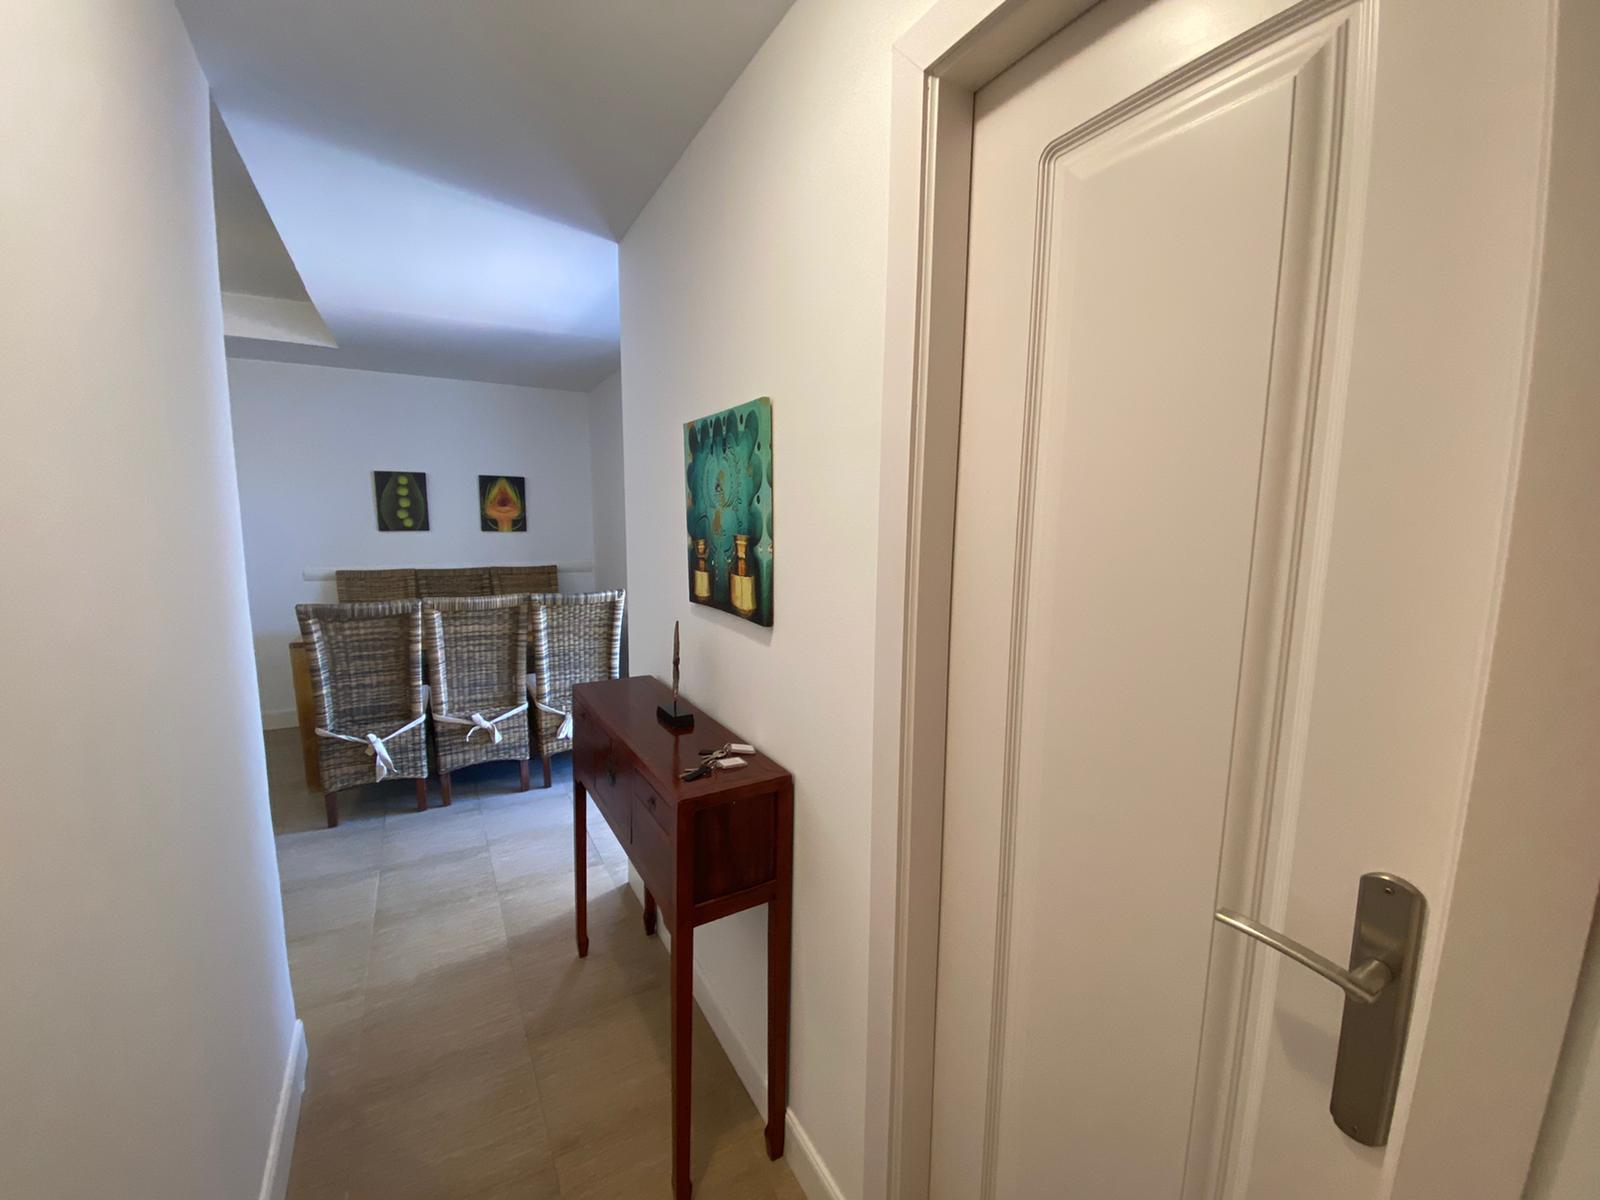 Imagen 9 del Apartamento Turístico, Ático 8 Poniente (3d+2b), Punta del Moral (HUELVA), Paseo de la Cruz nº22